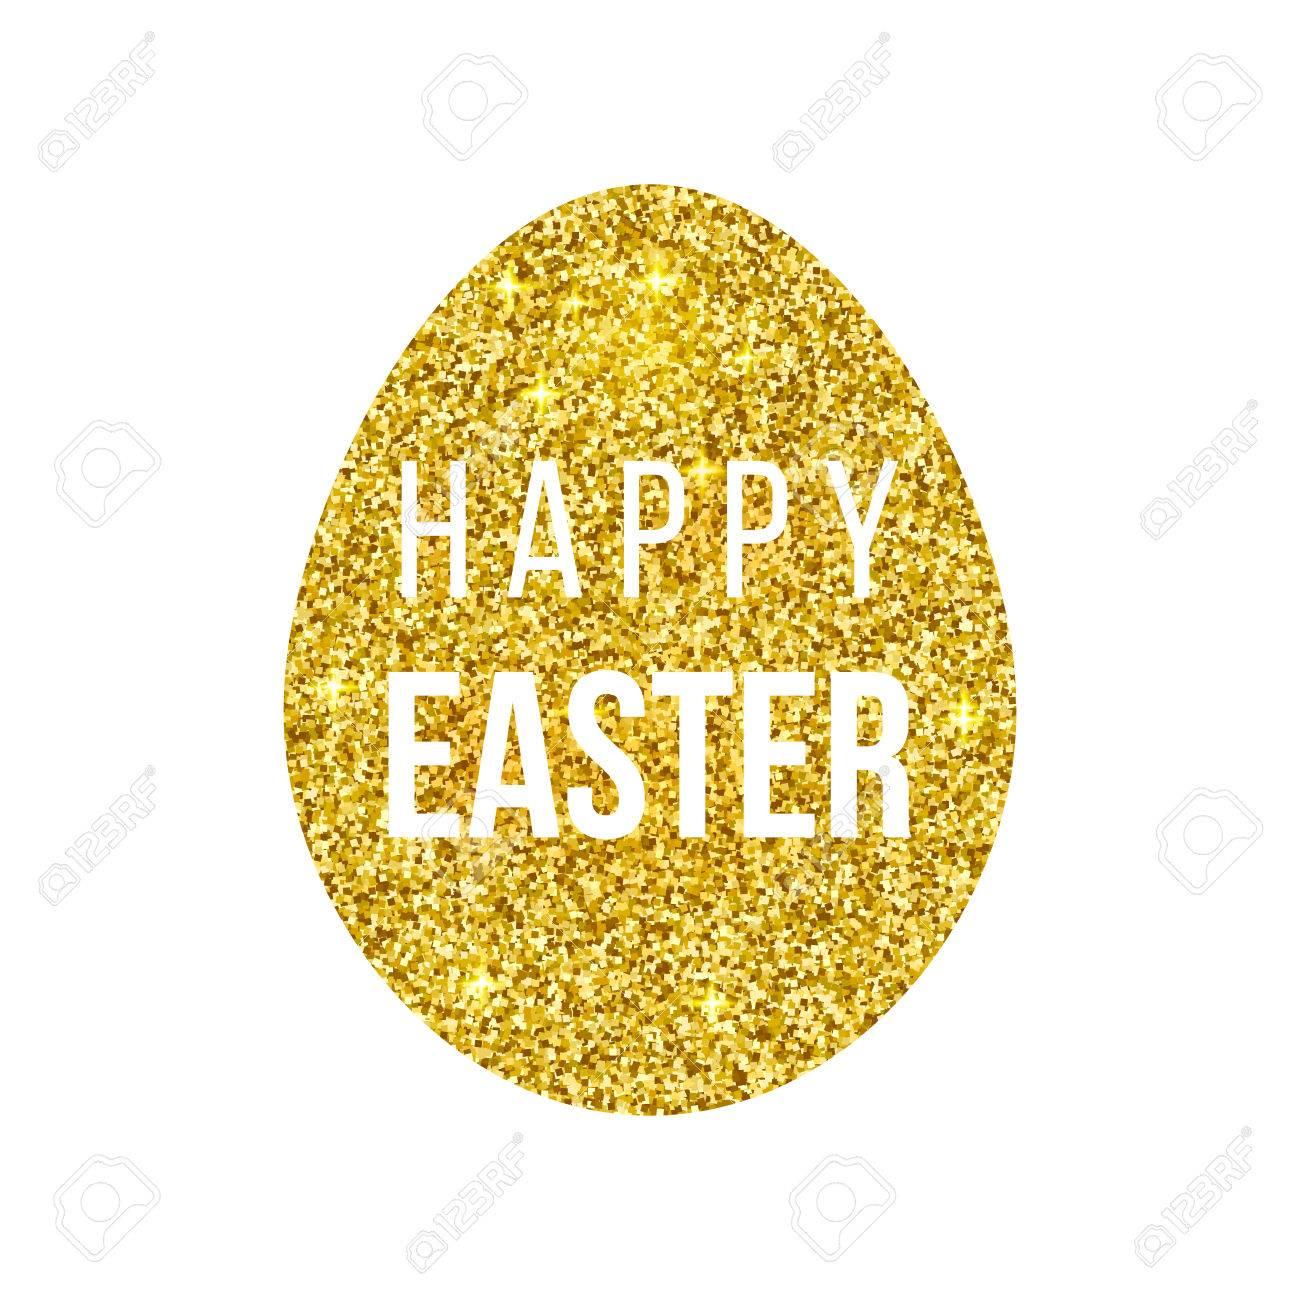 Happy Easter golden egg on black background - 55367064